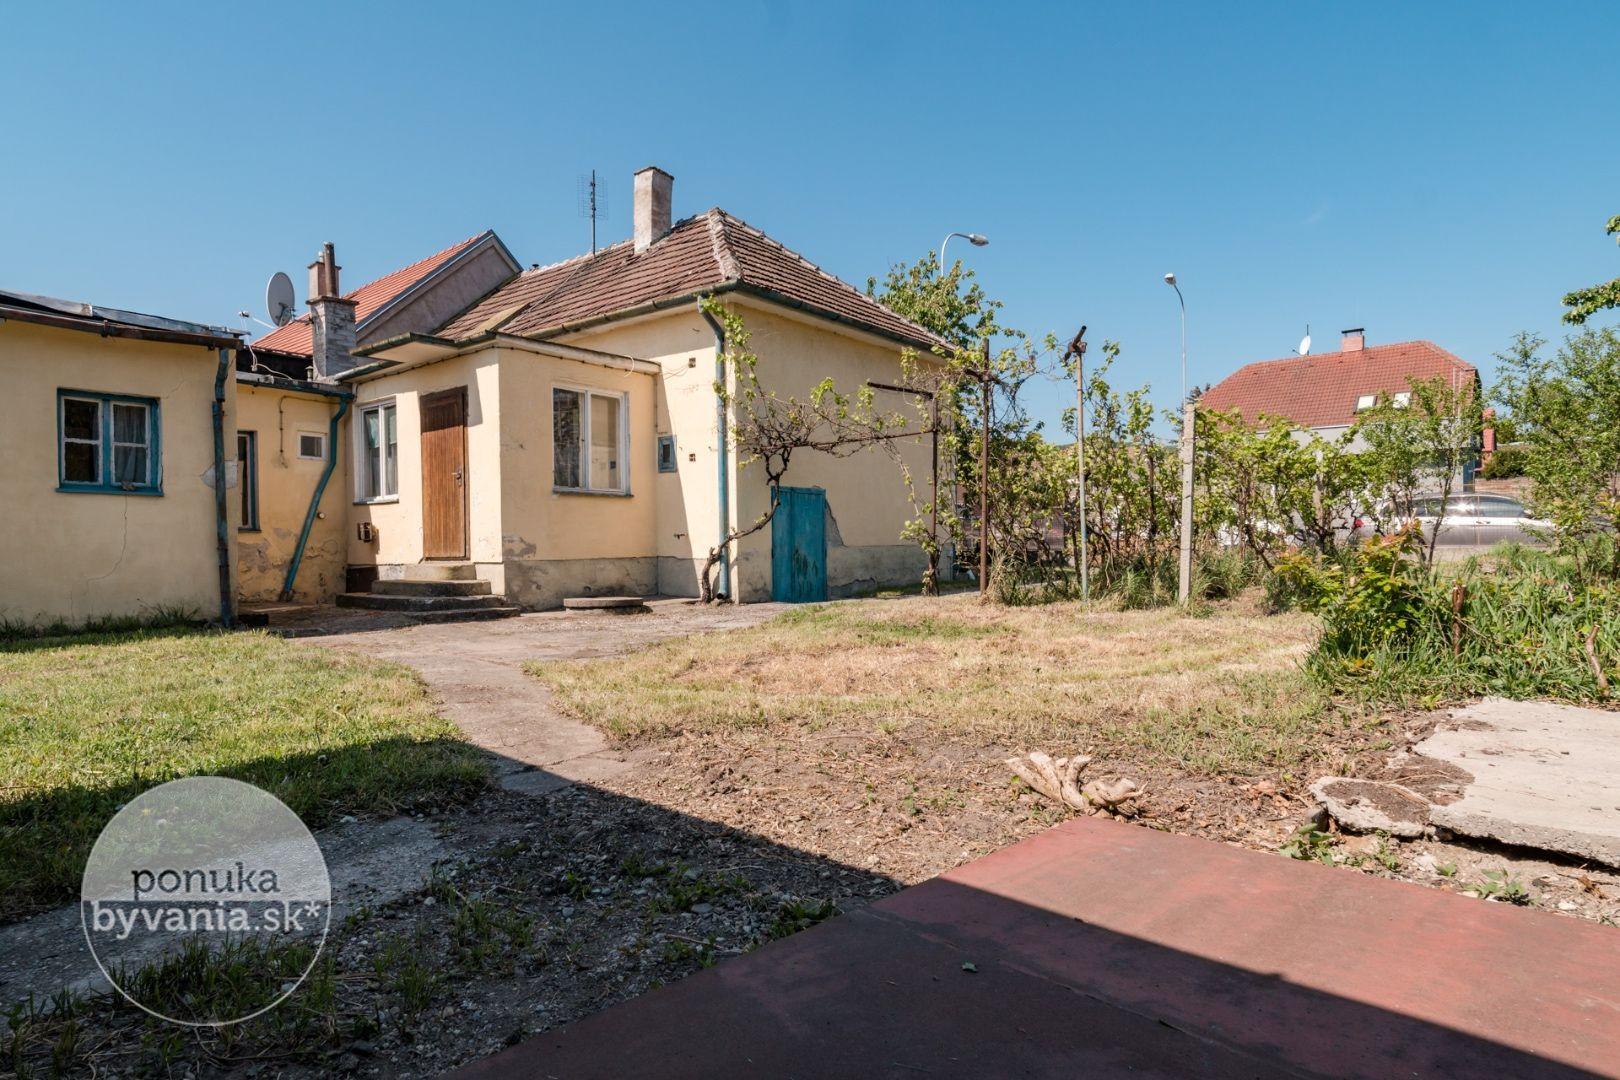 ponukabyvania.sk_Žitná_pre-rodinné-domy_BARTA